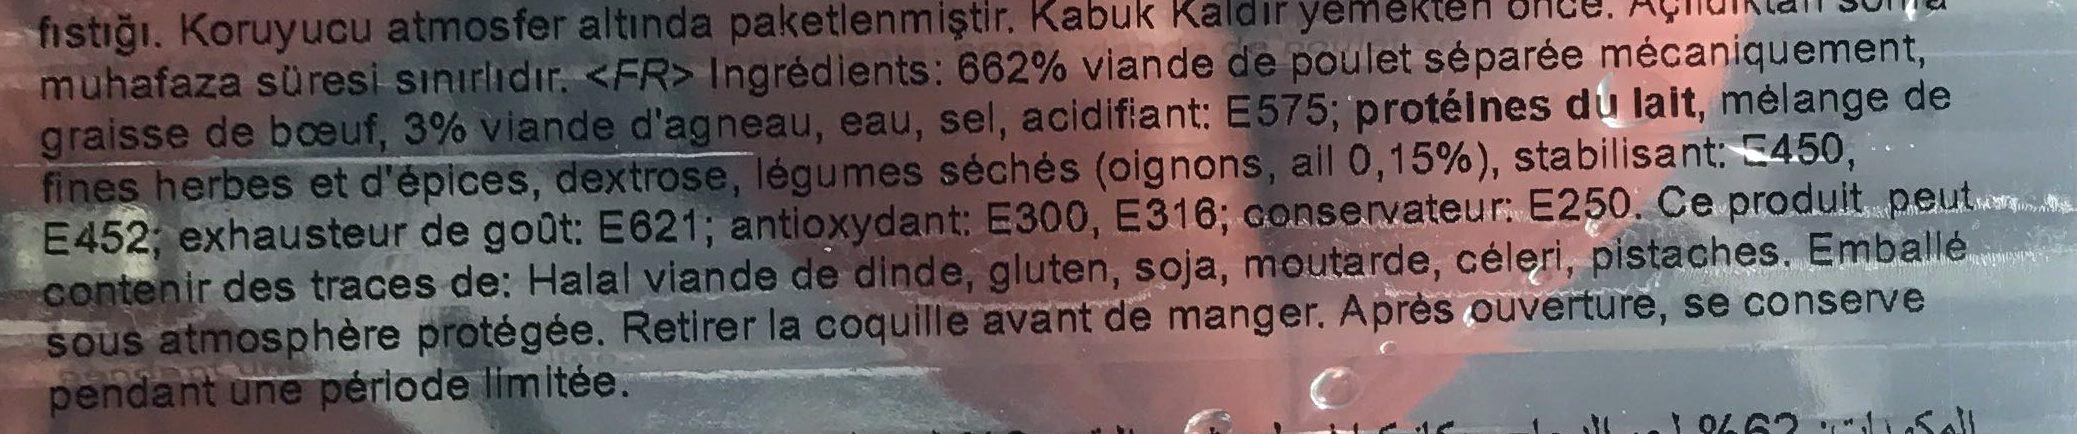 Saucisson à l'Ail Pimenté - Ingrediënten - fr